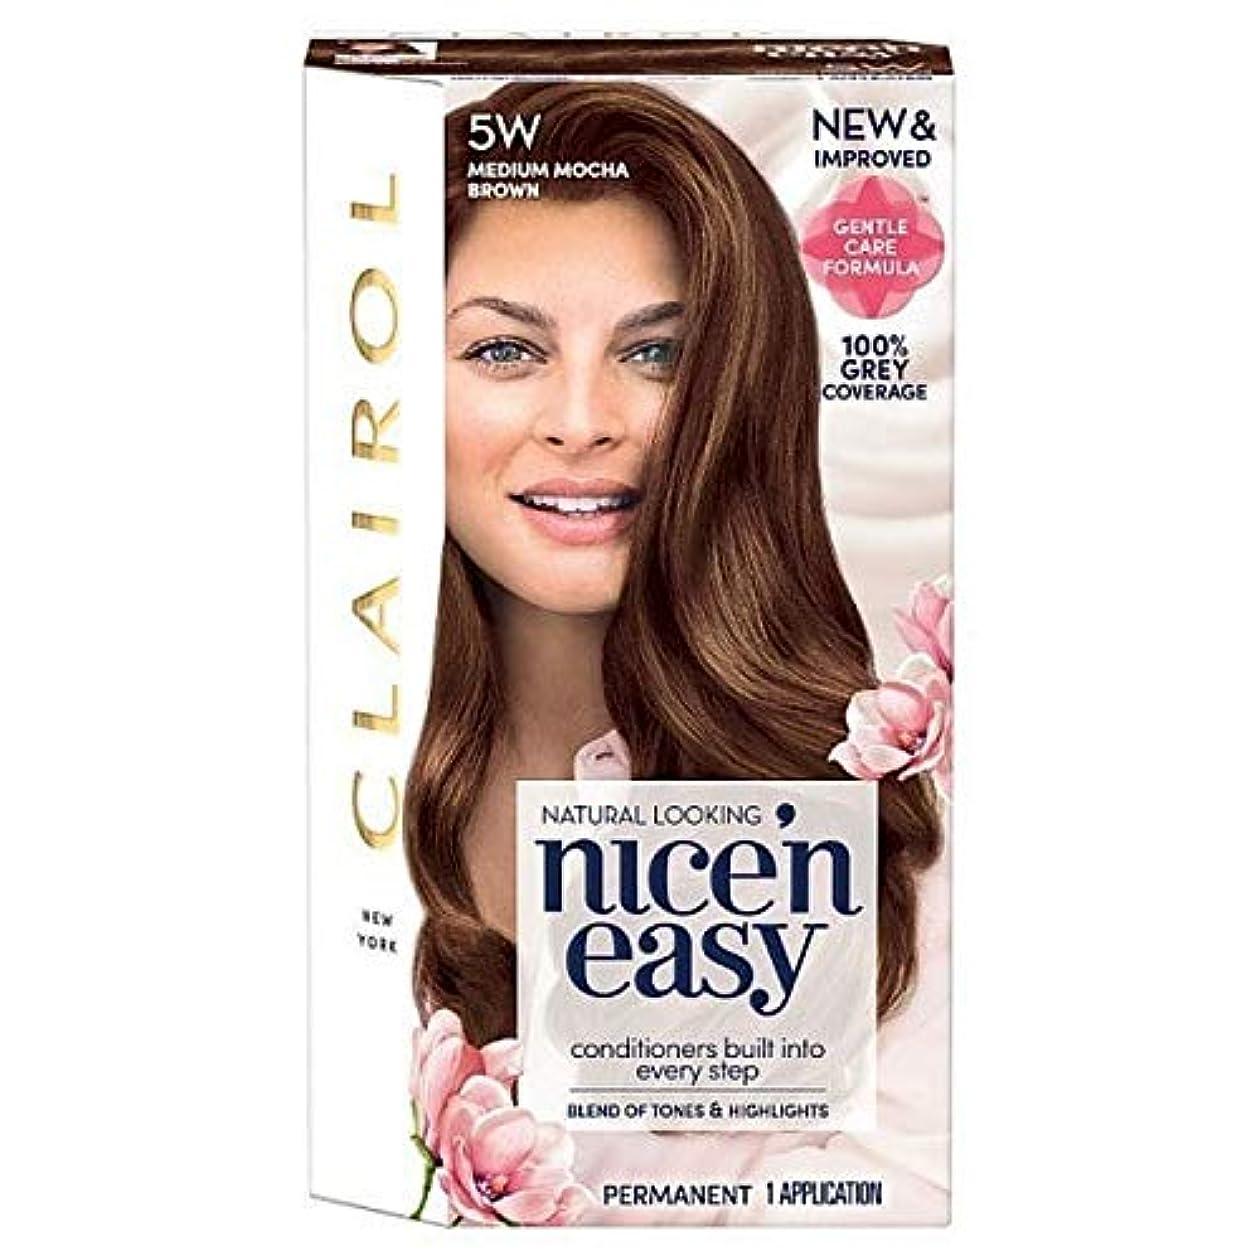 ポールエキサイティング口述[Nice'n Easy] 簡単な5ワットメディアモカブラウンNice'N - Nice'n Easy 5W Medium Mocha Brown [並行輸入品]